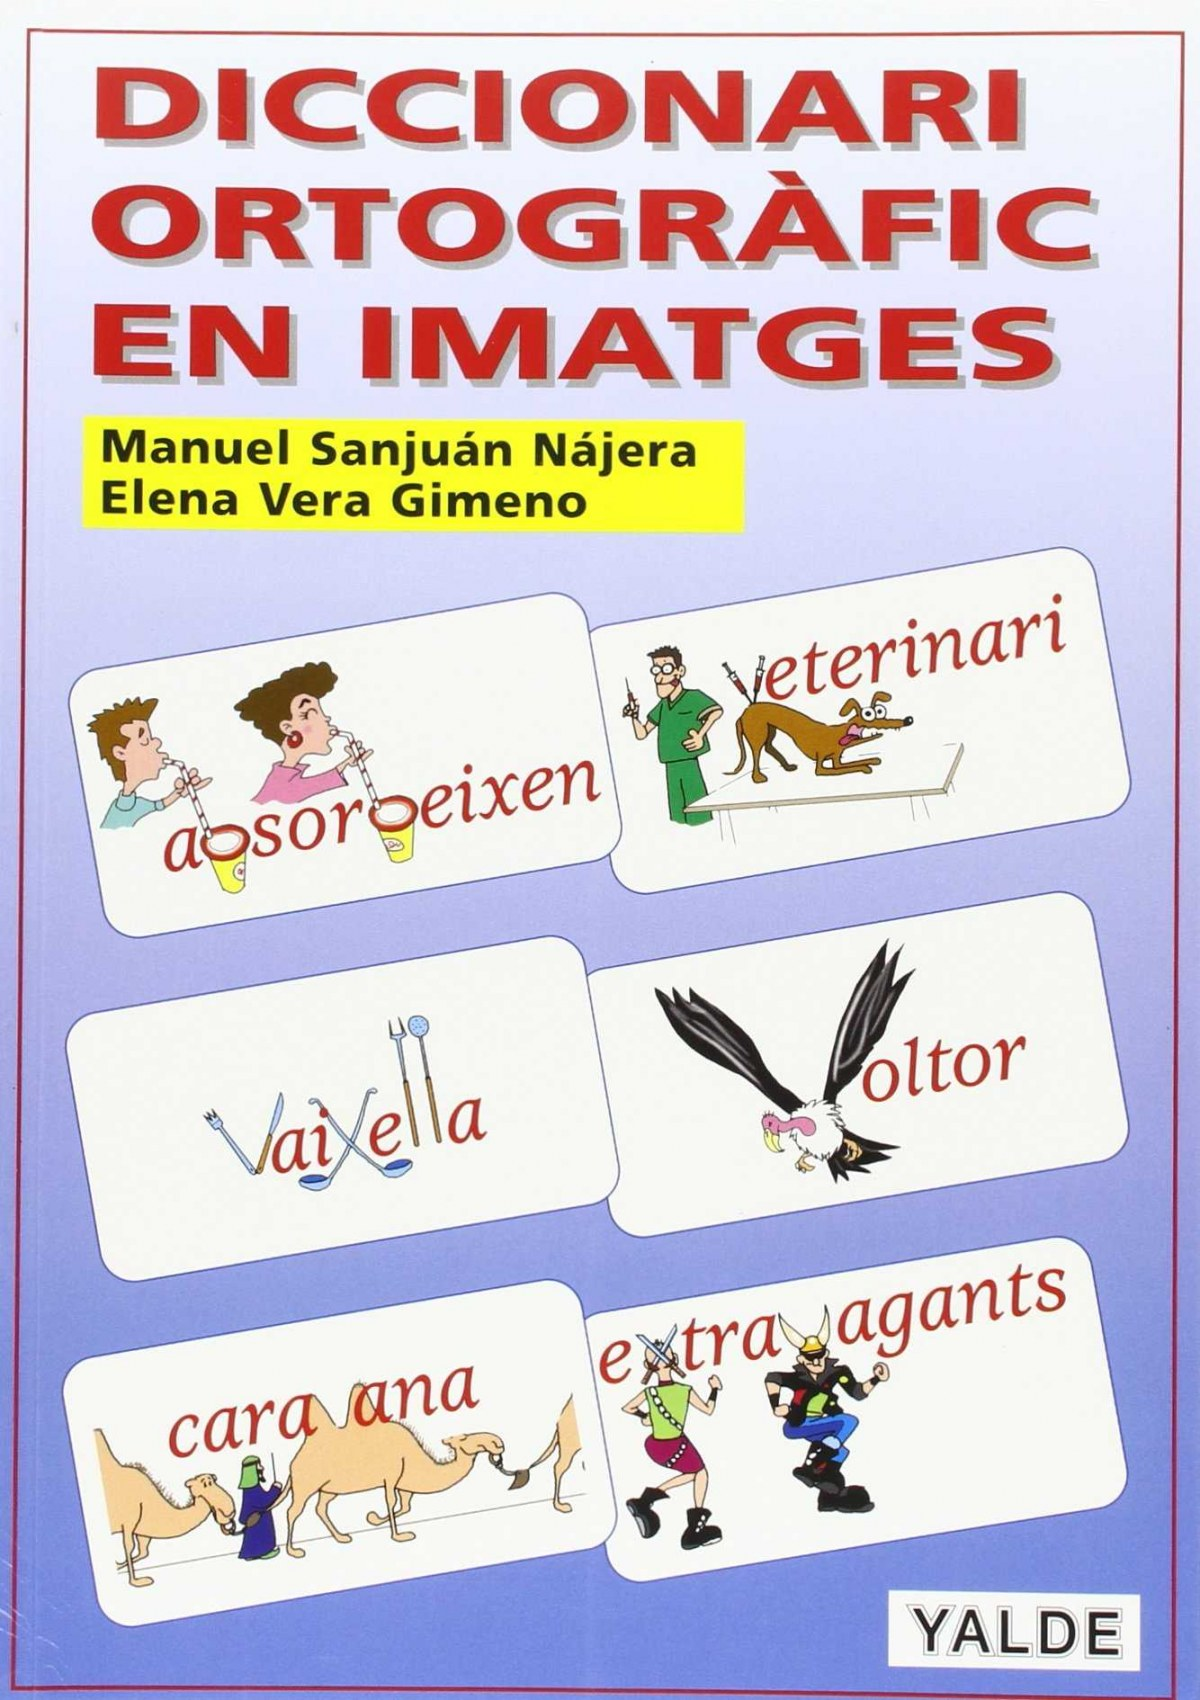 Diccionari ortografic en imatges 9788487705847